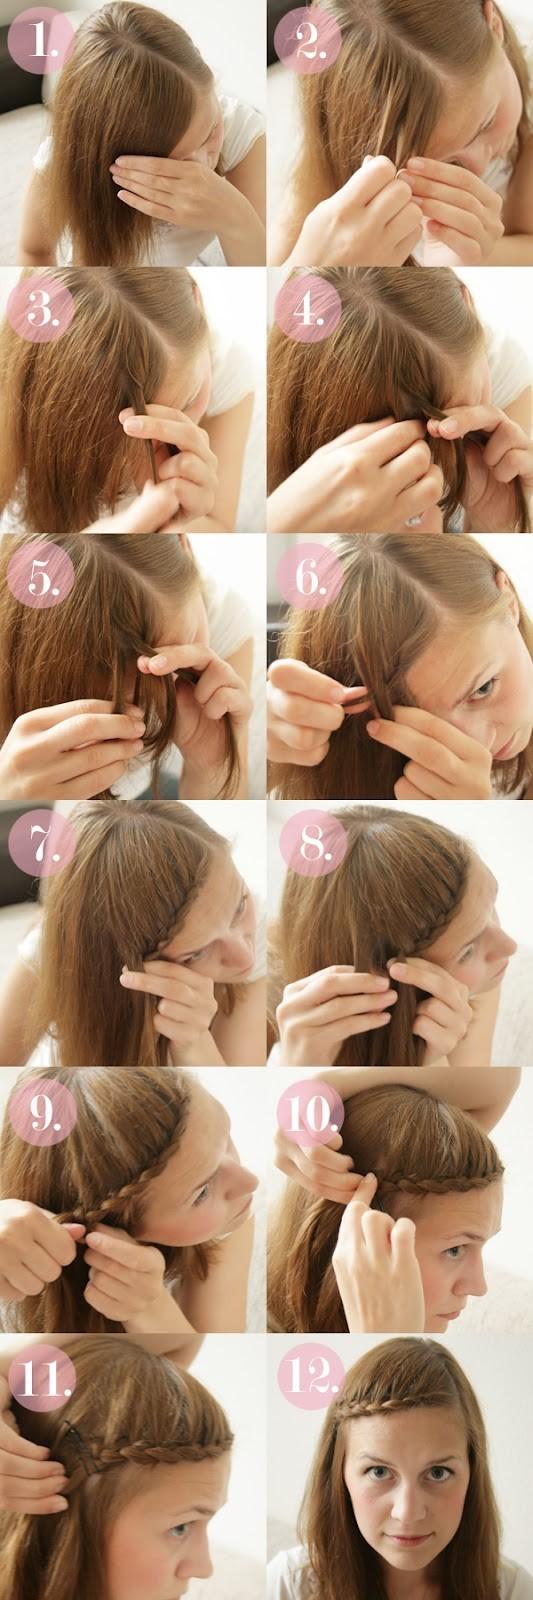 15 braided bangs tutorials: cute, easy hairstyles - pretty